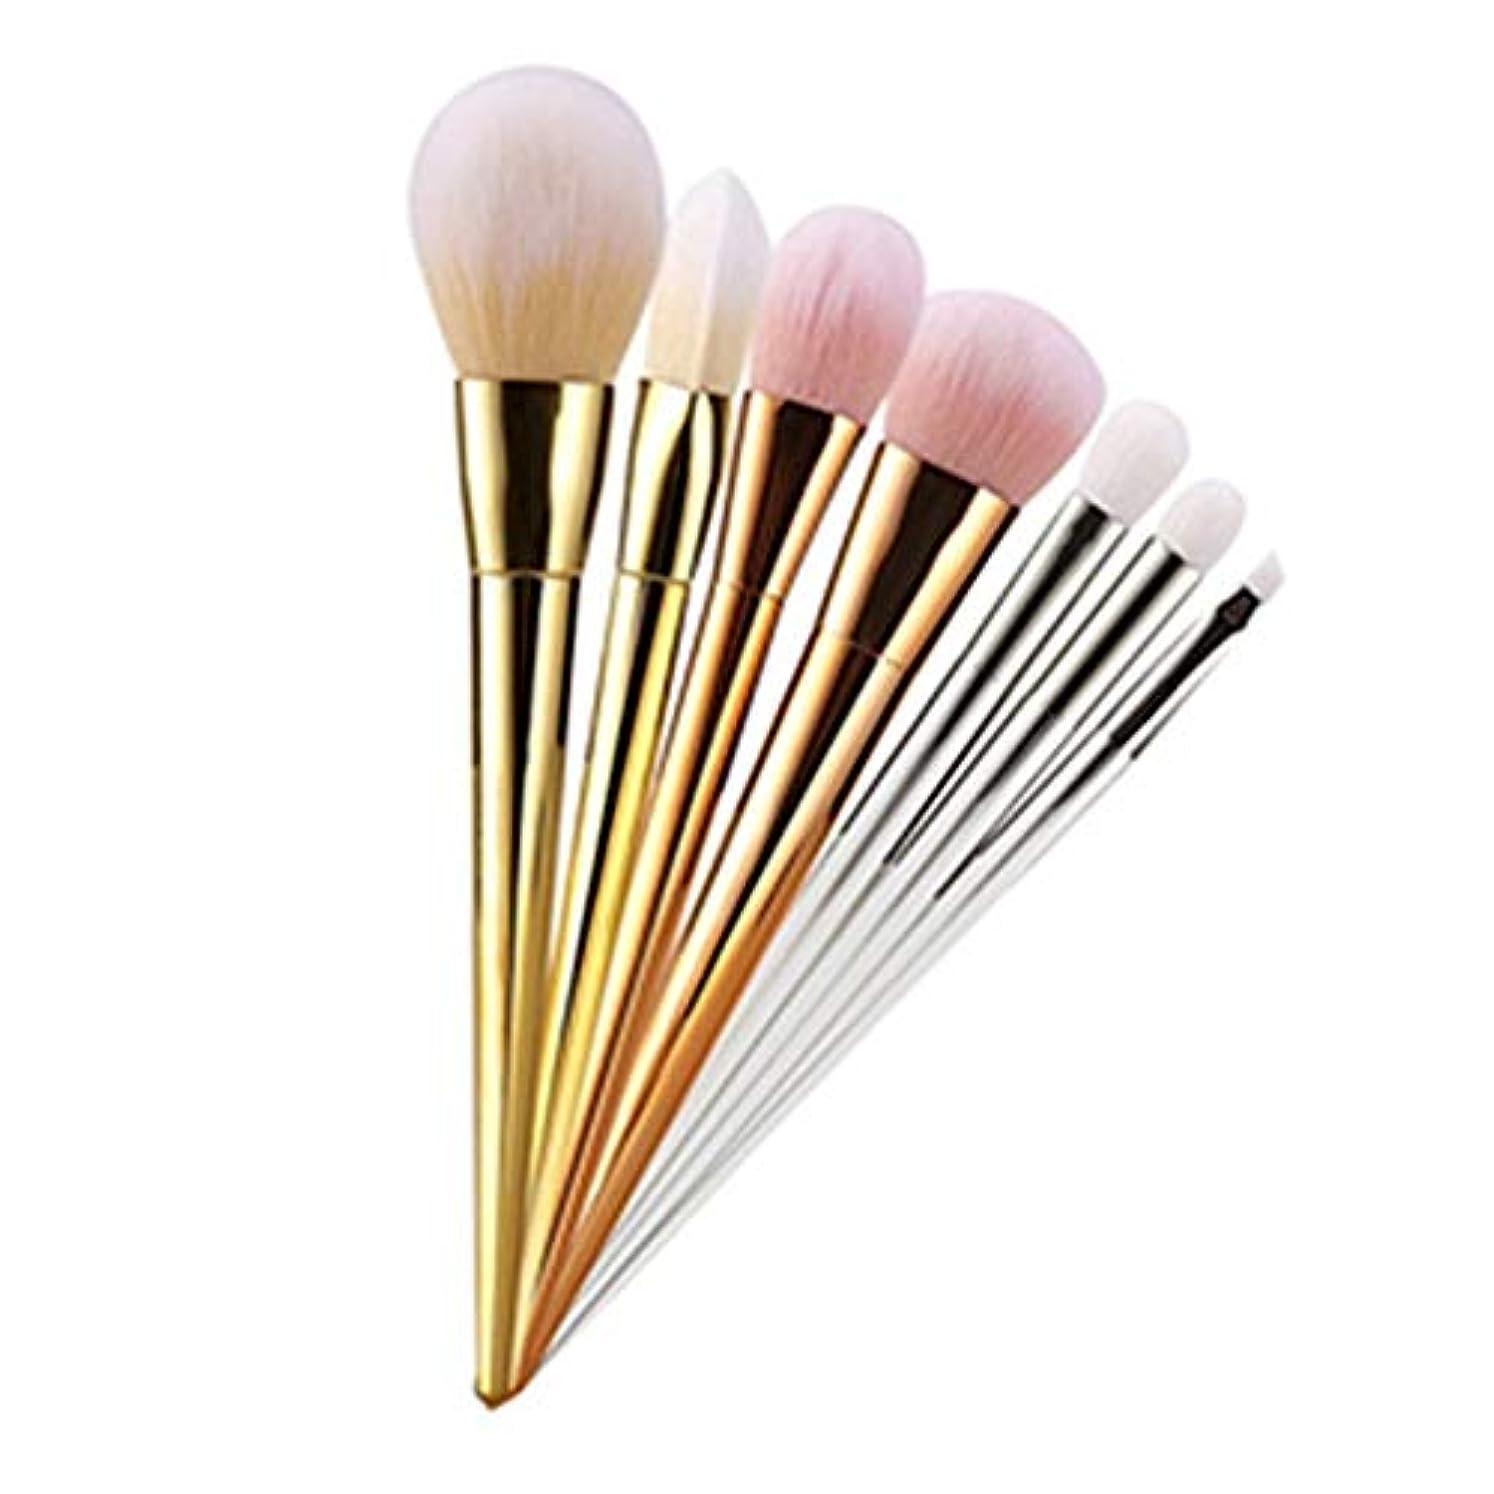 準備したアラブサラボすり美容メイク 7ピース 化粧ブラシセット メイクブラシ 化粧筆 シリーズ 化粧ブラシセット 高級タクロン 超柔らかい 可愛い